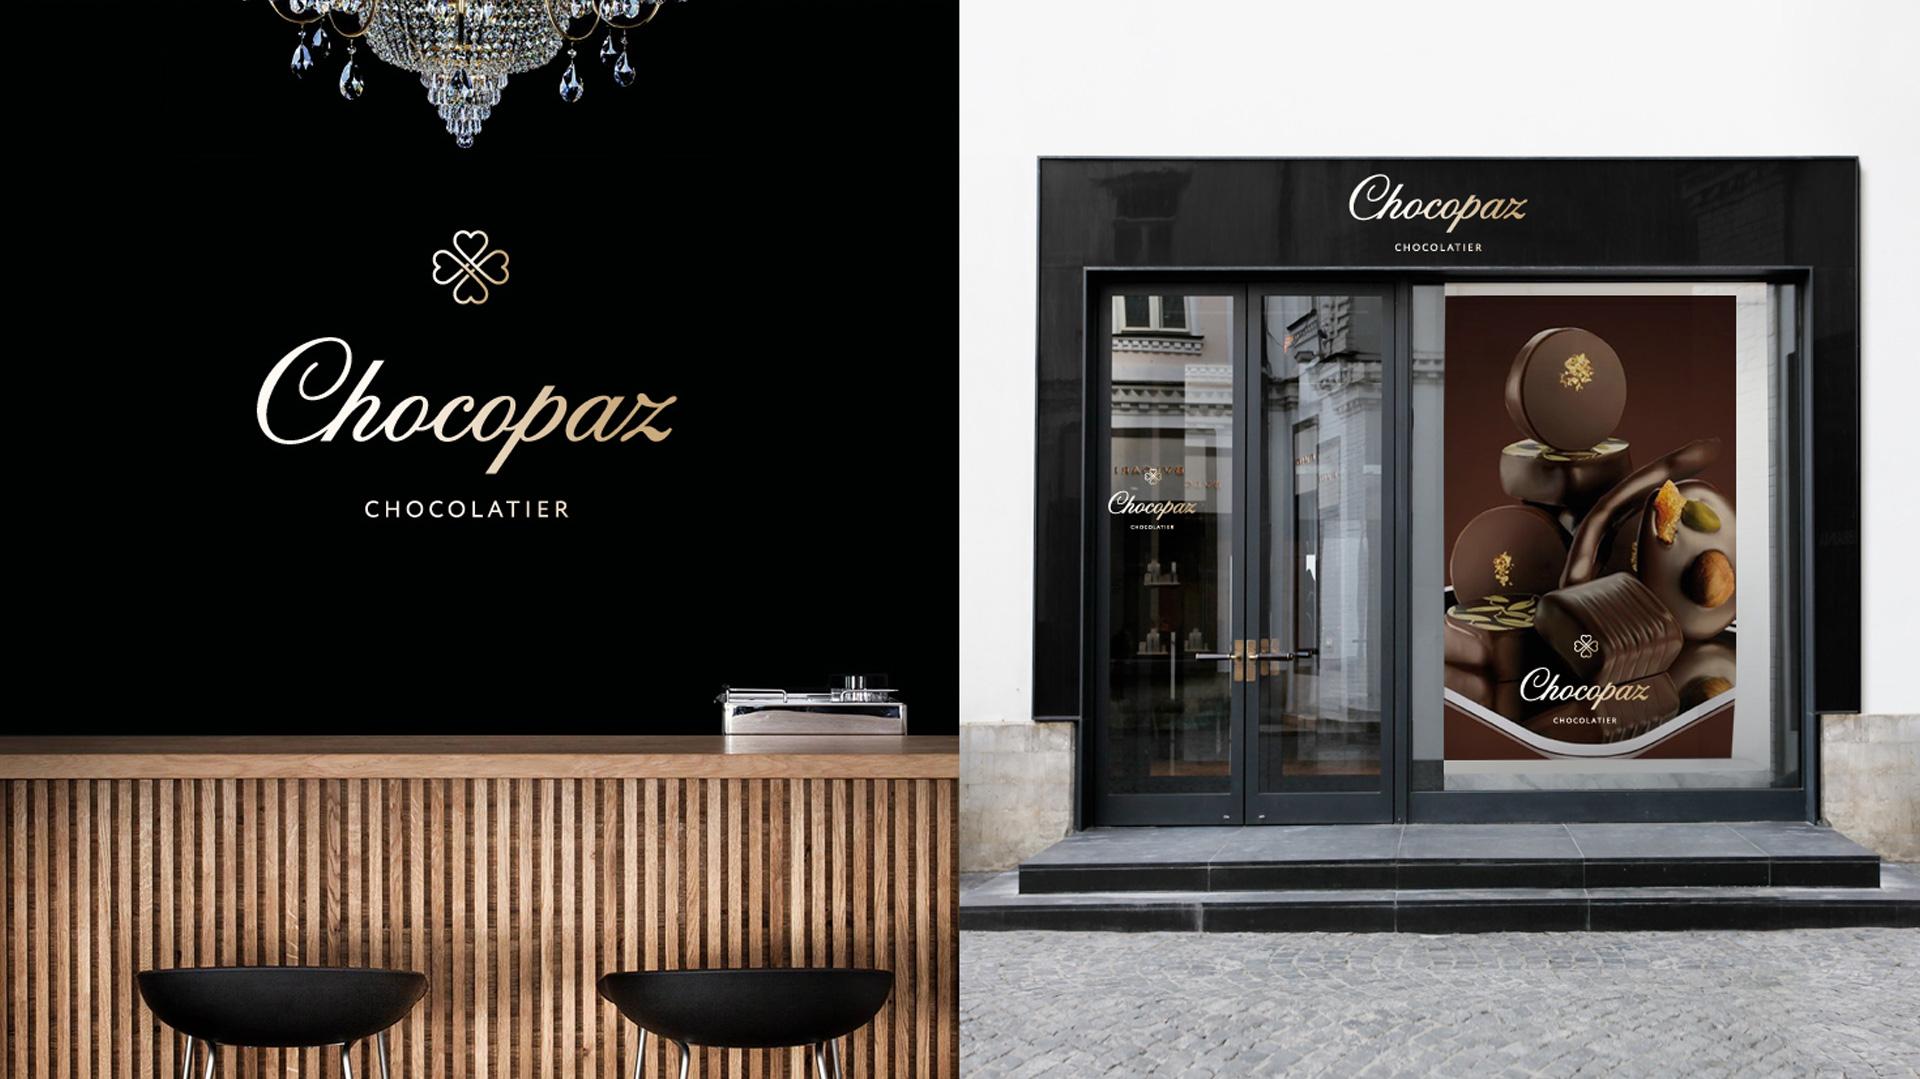 Фирменный стиль Chocopaz в дизайне интерьера и фасада магазина